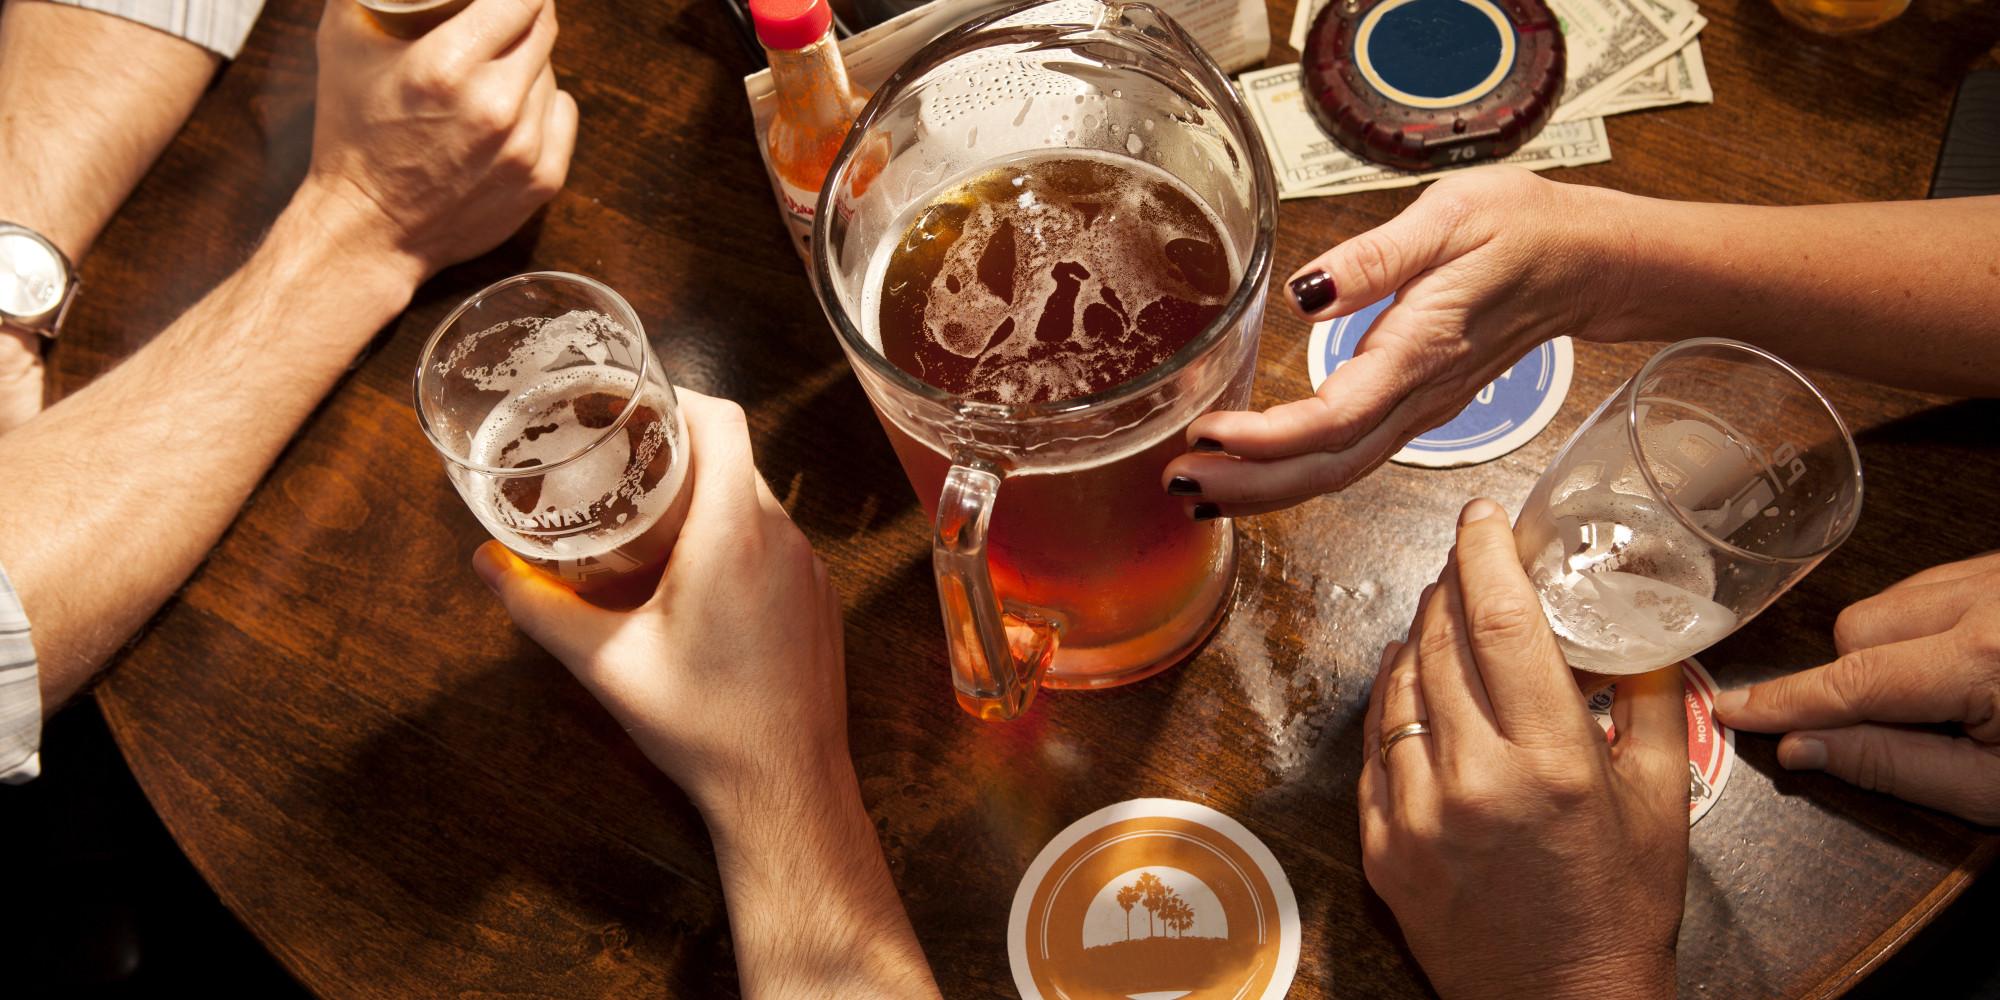 Препорака од лекарите: Не е лошо да се испие 2,5 литри пиво на ден!